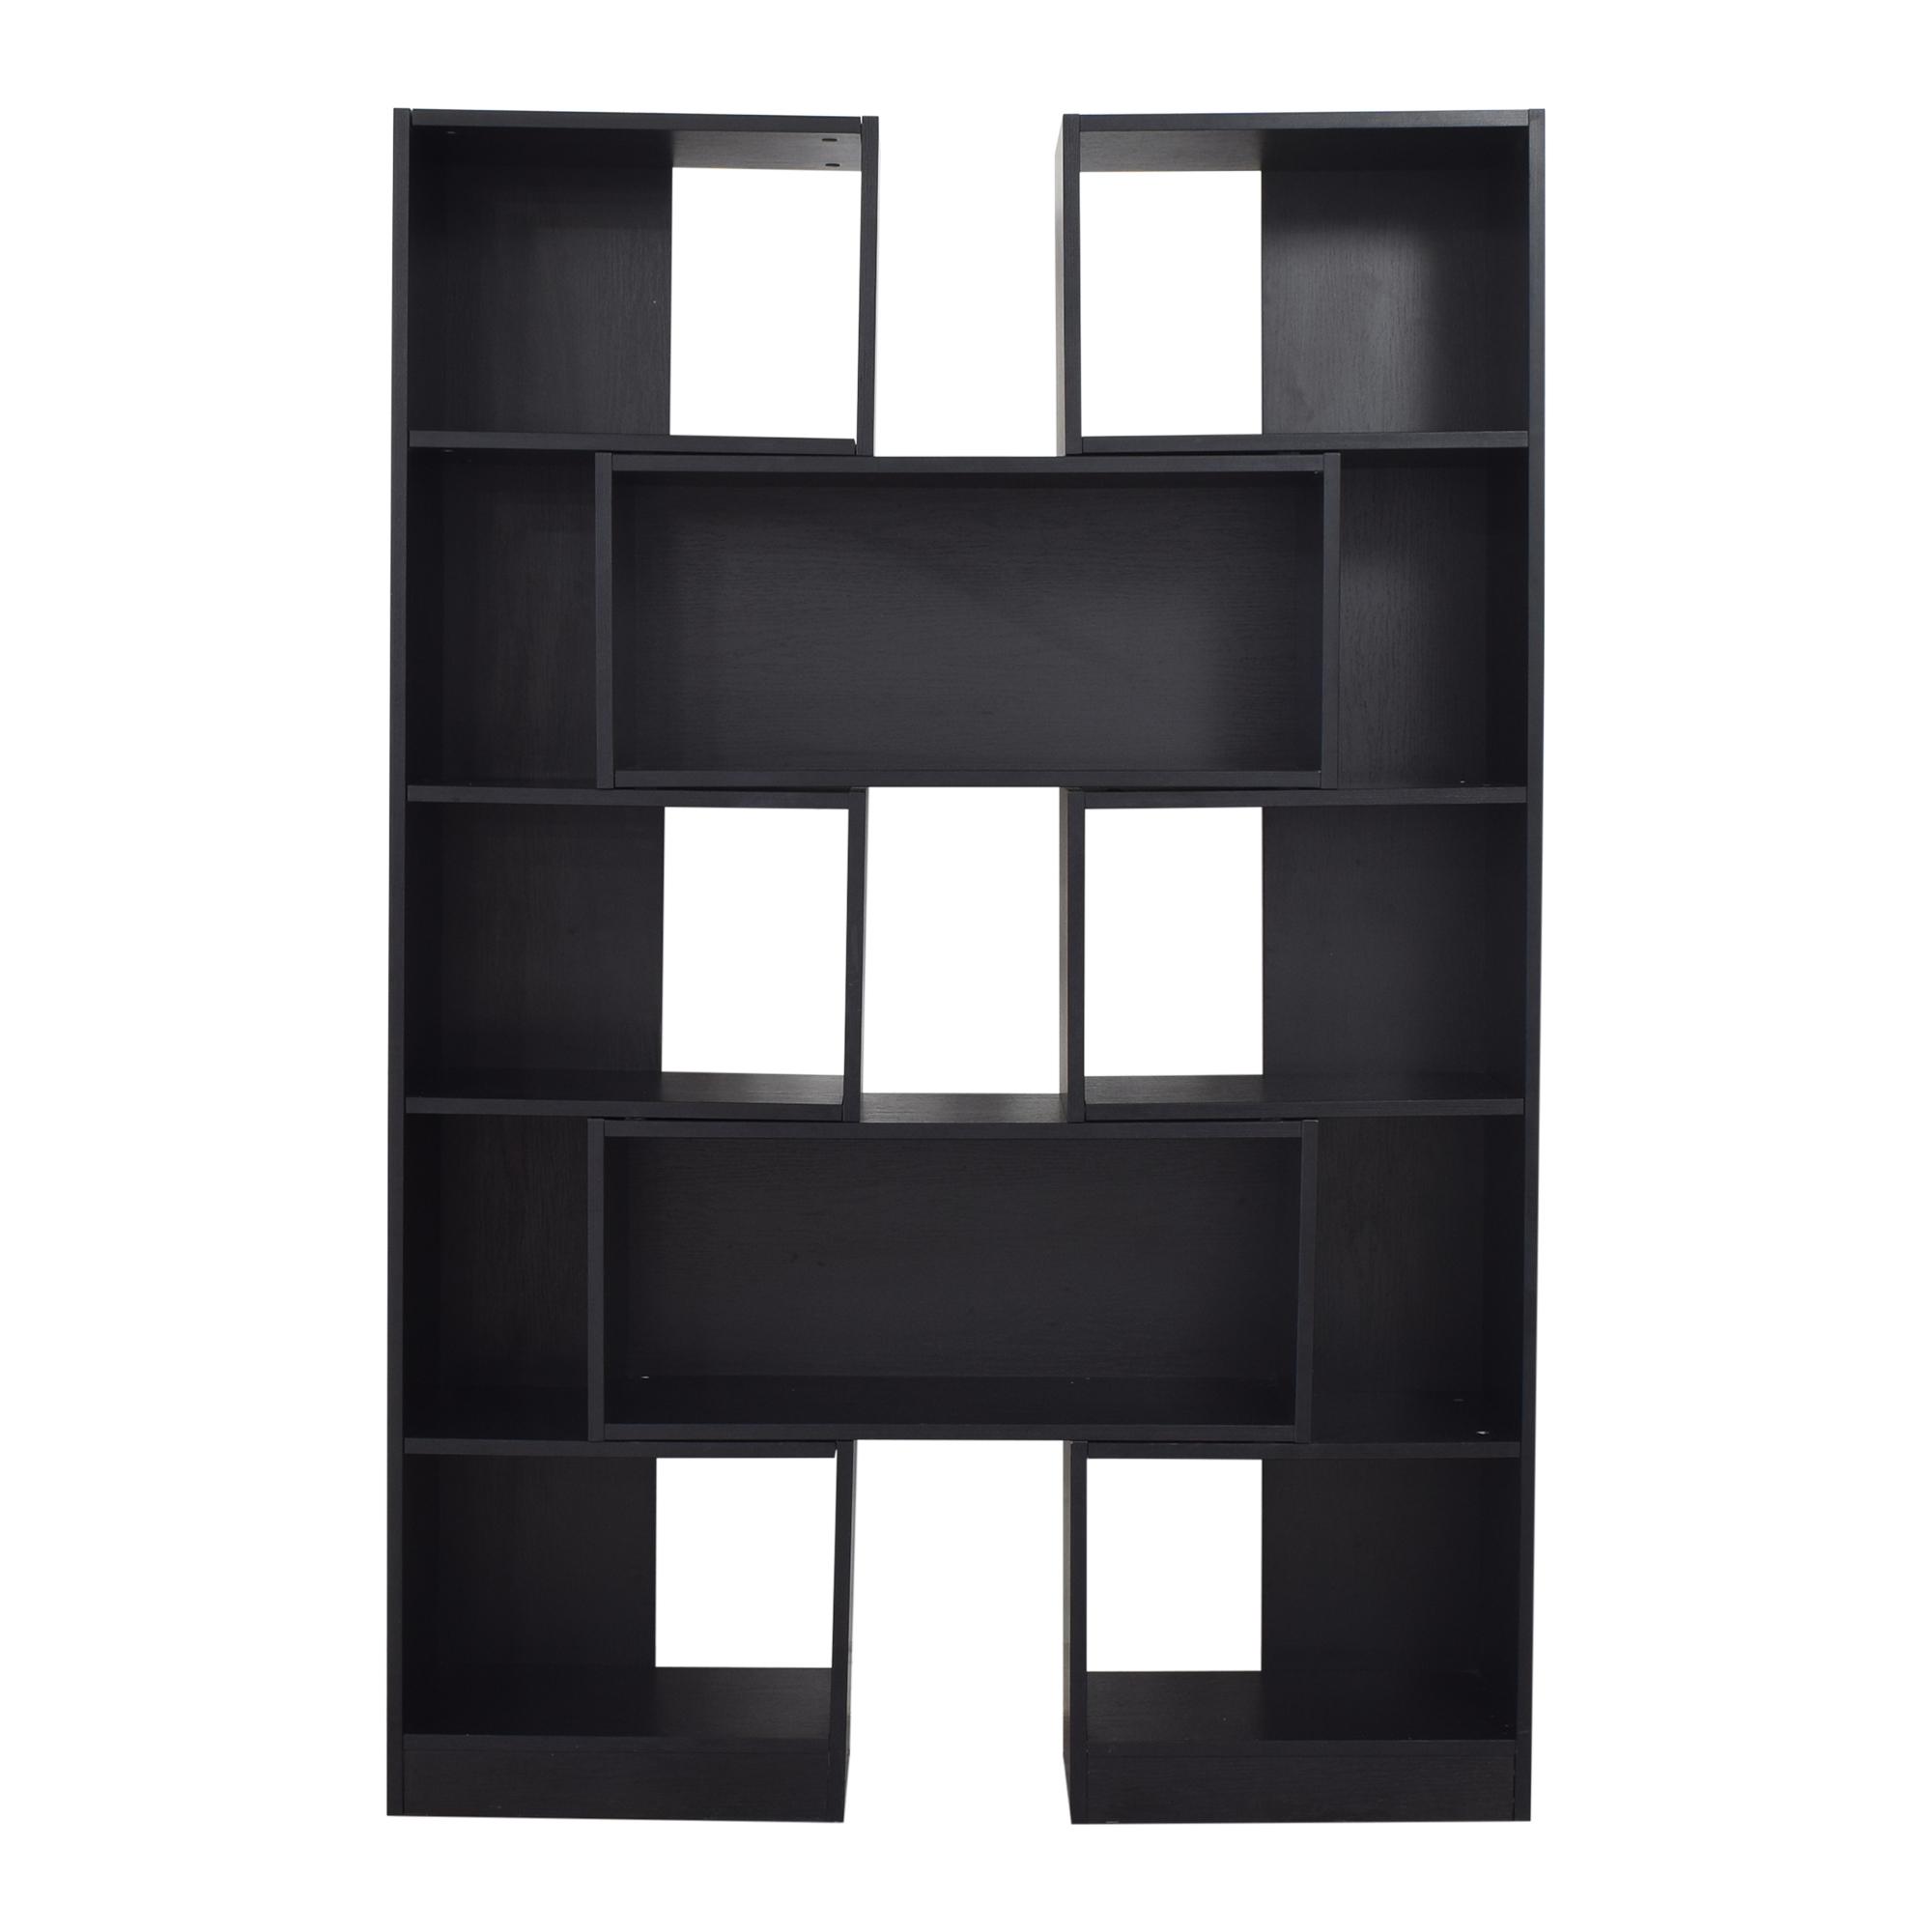 Crate & Barrel Crate & Barrel Puzzle Bookshelf ct